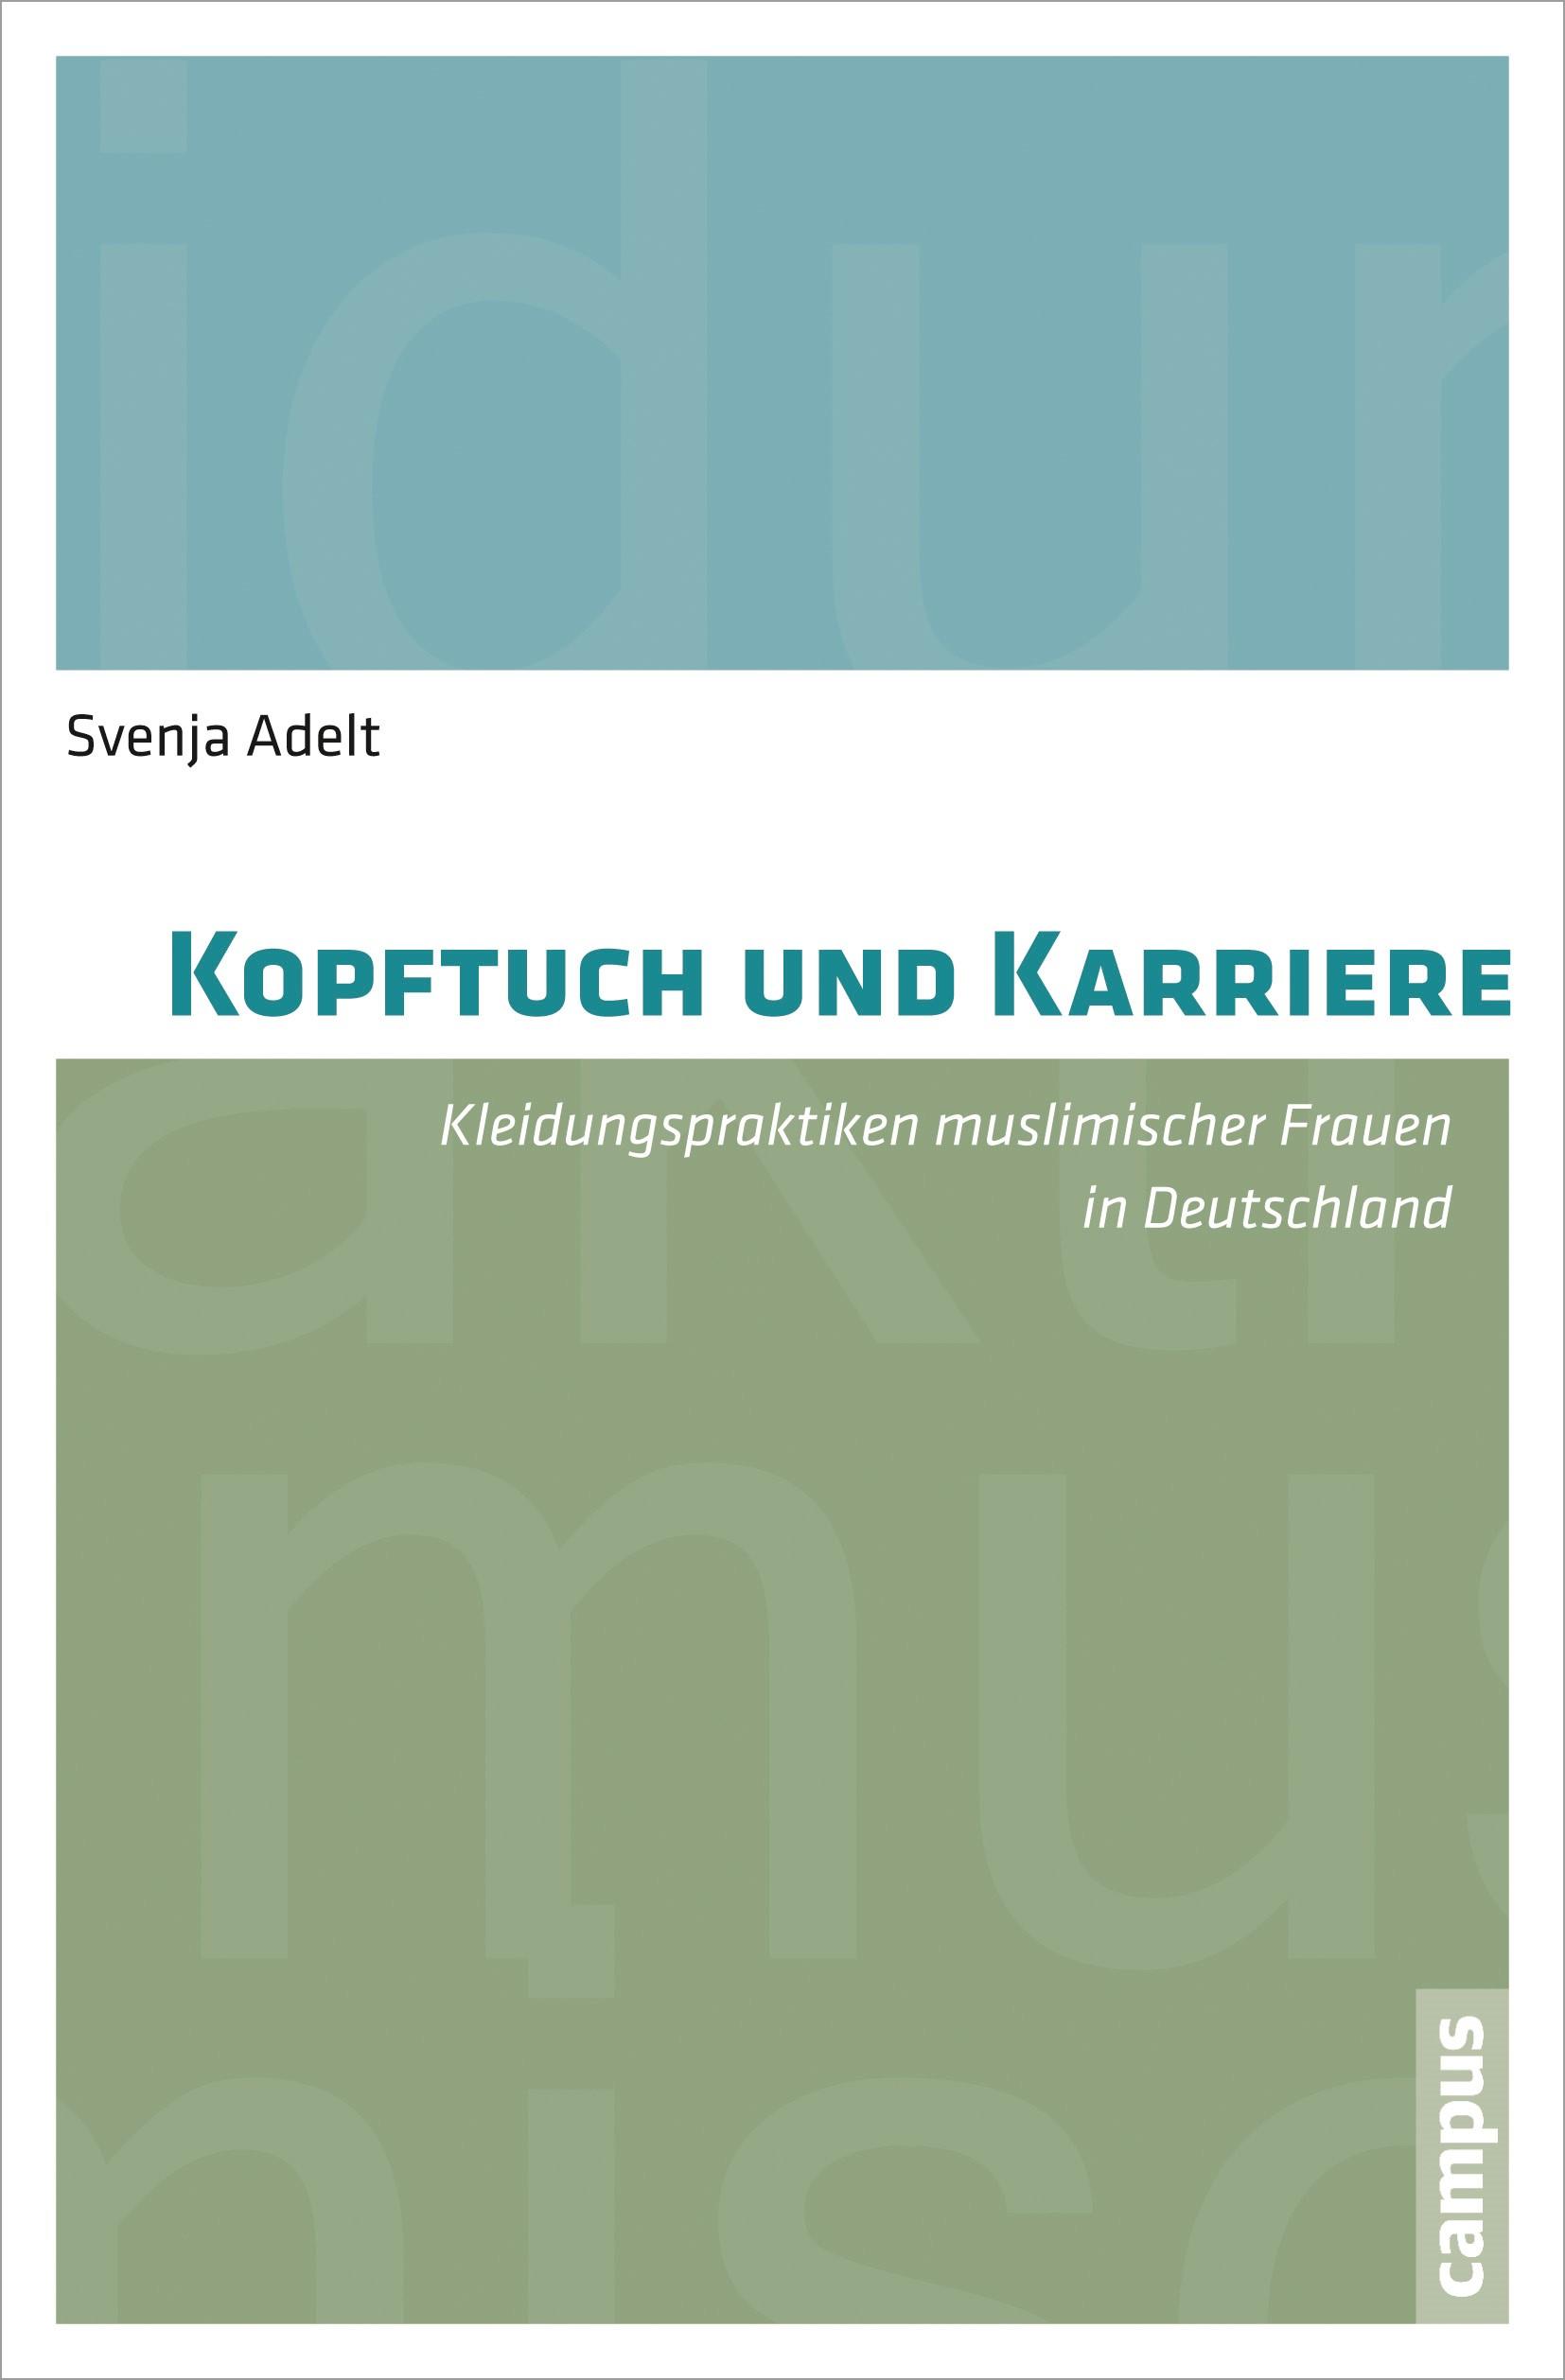 Kopftuch und Karriere | Adelt, 2014 | Buch (Cover)